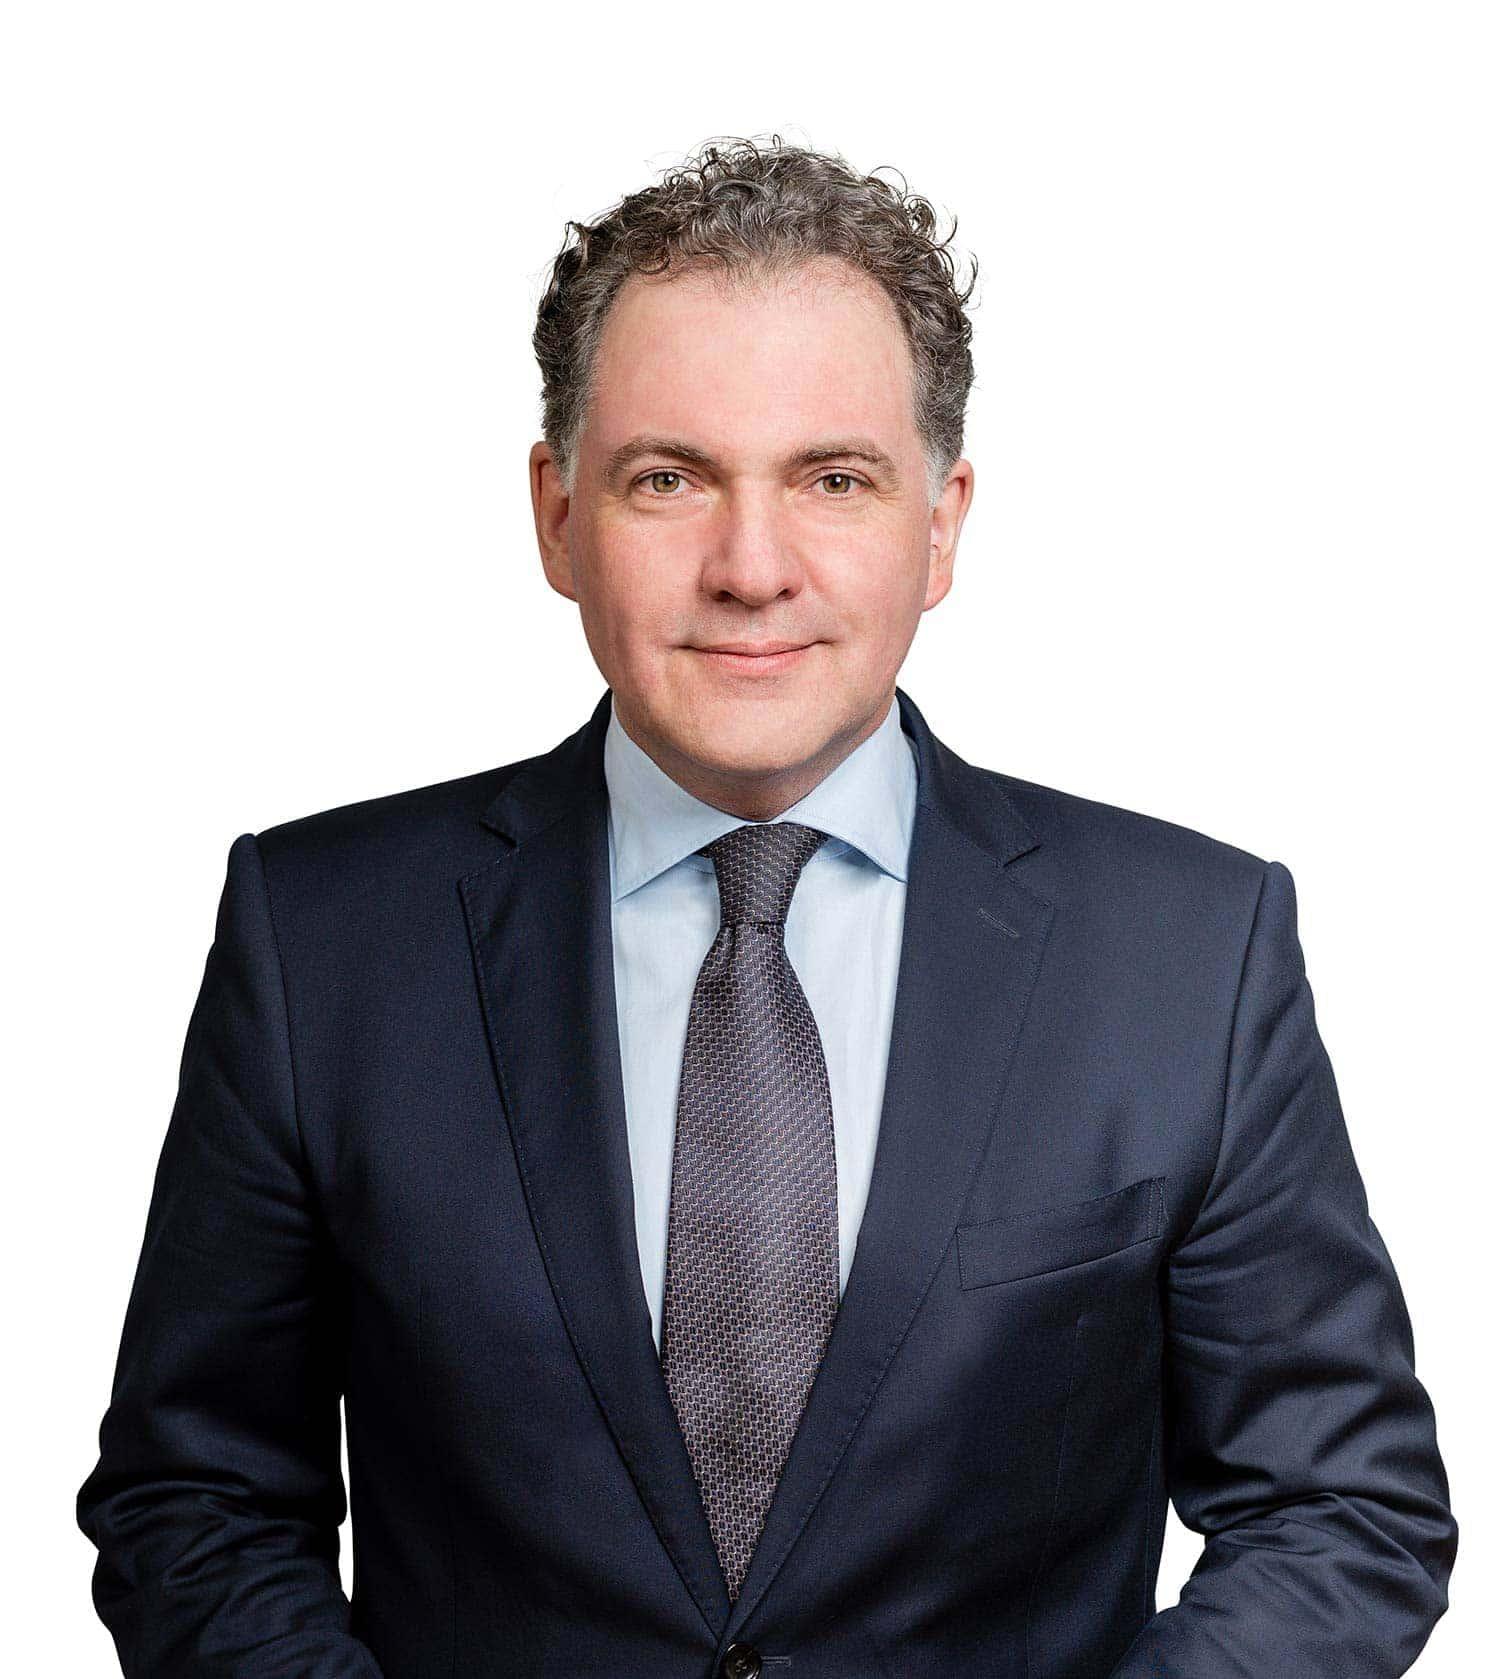 """Horst Meierhofer ist Oberbürgermeister-Kandidat für die FDP in Regensburg """"Die Stadt braucht einen Neustart"""""""